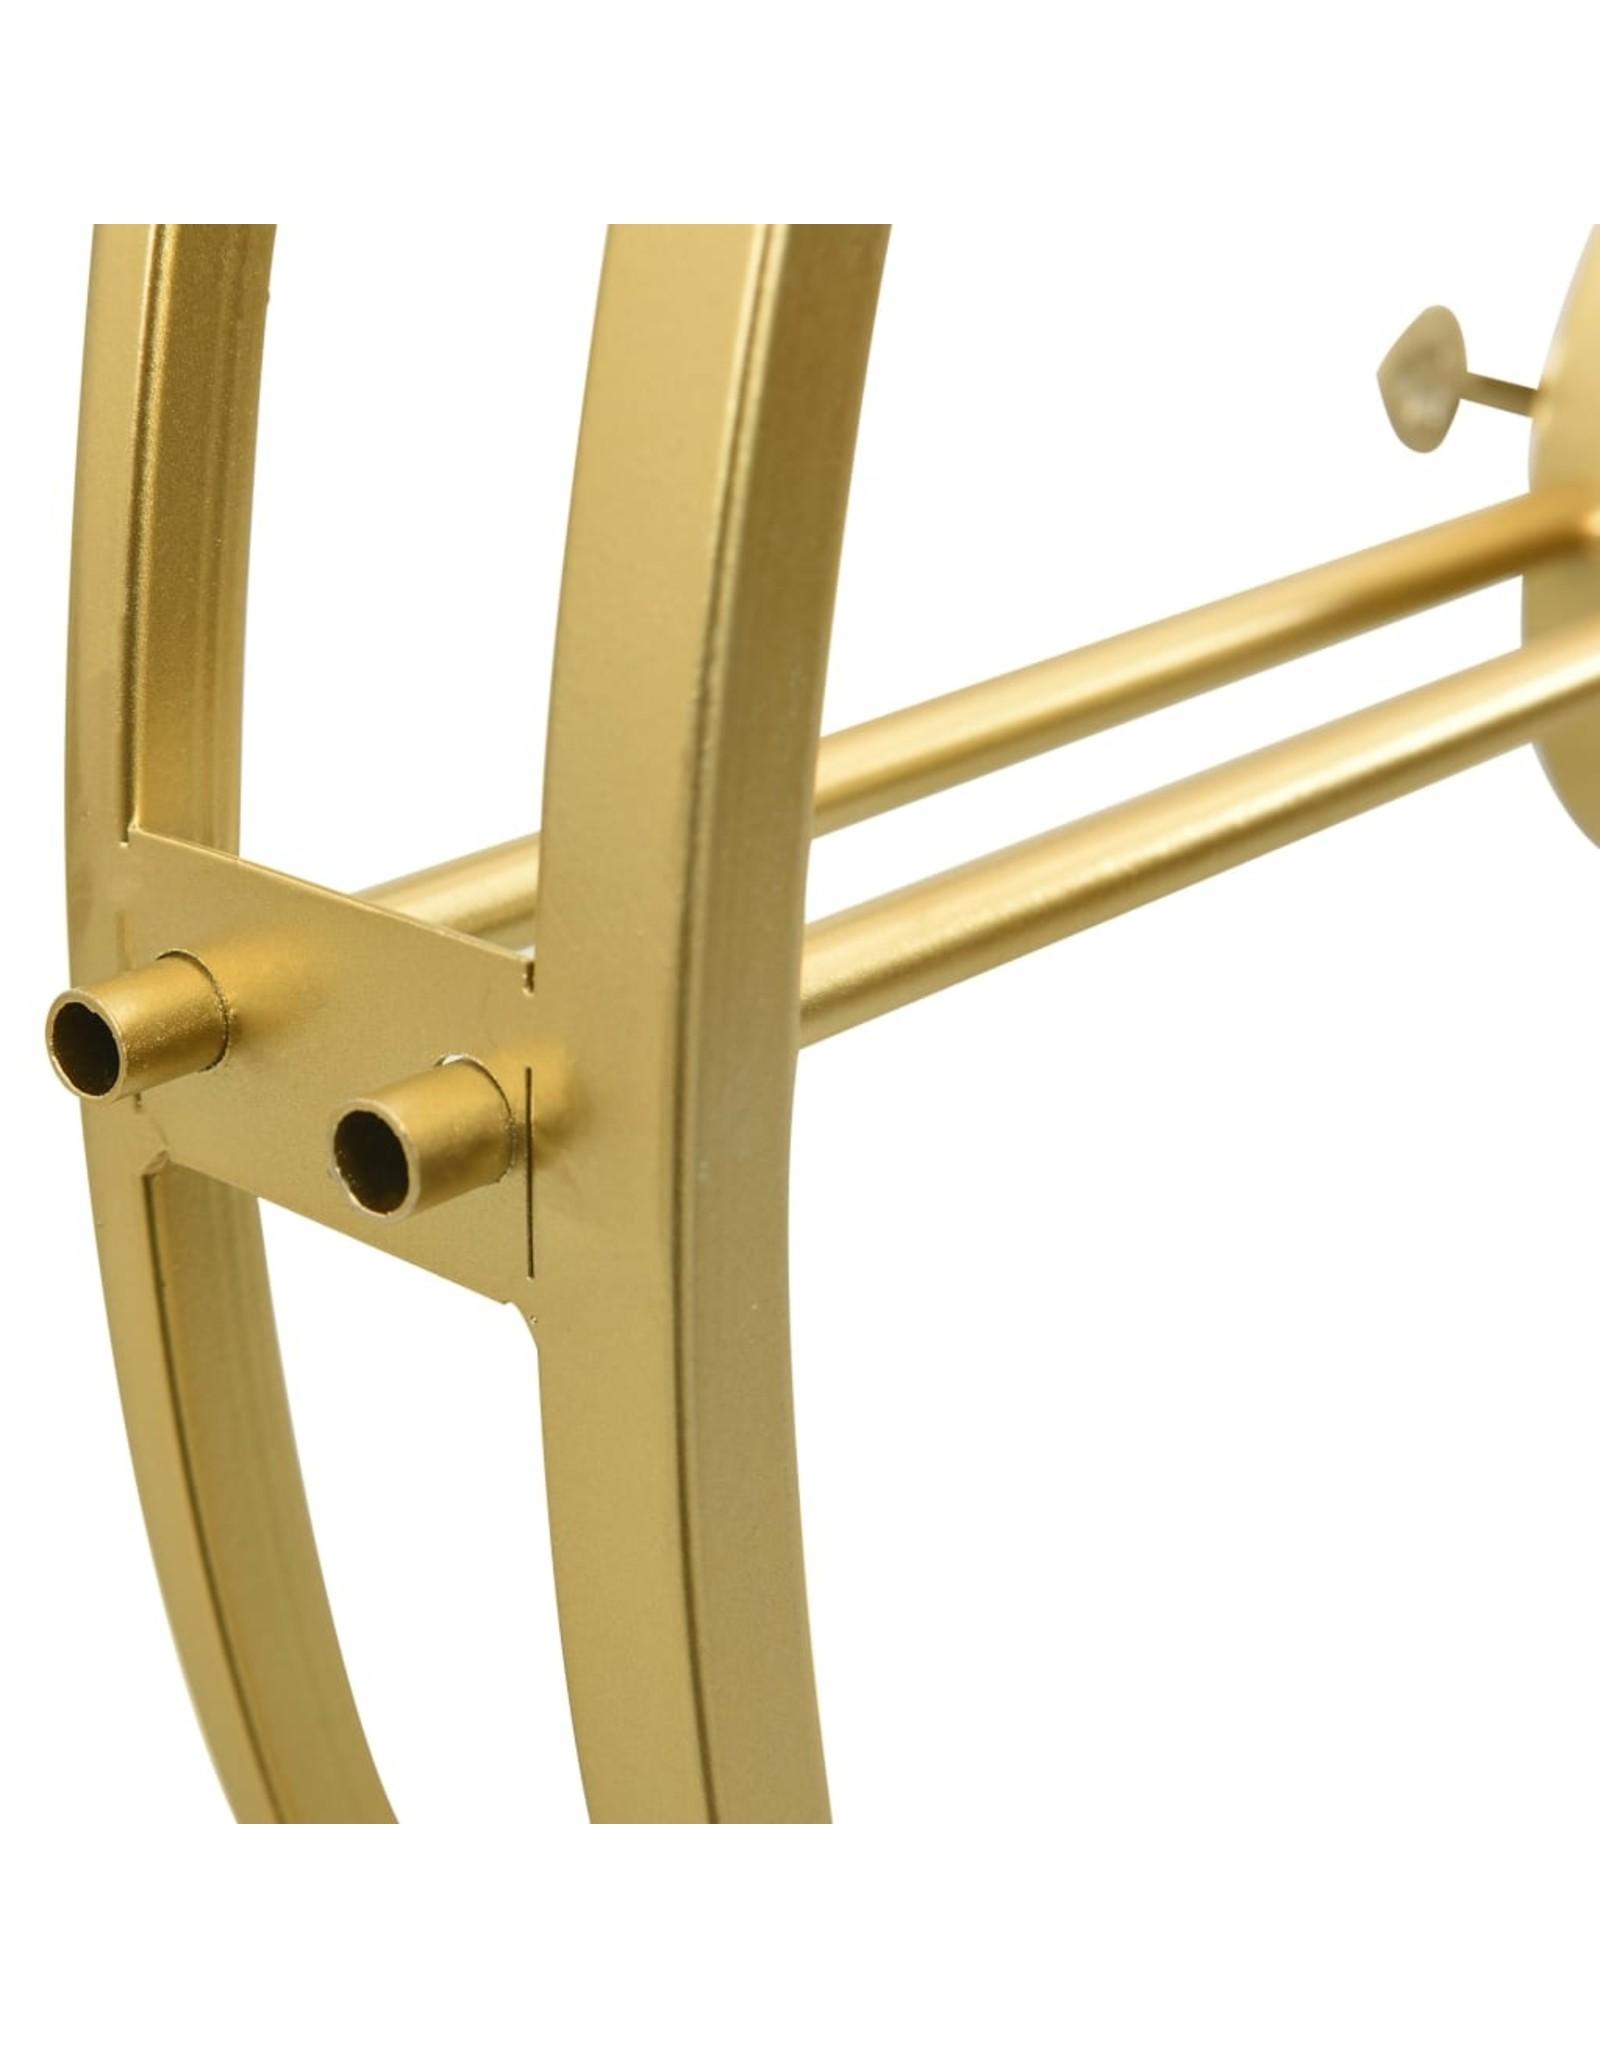 Wandklok 52 cm ijzer goudkleurig